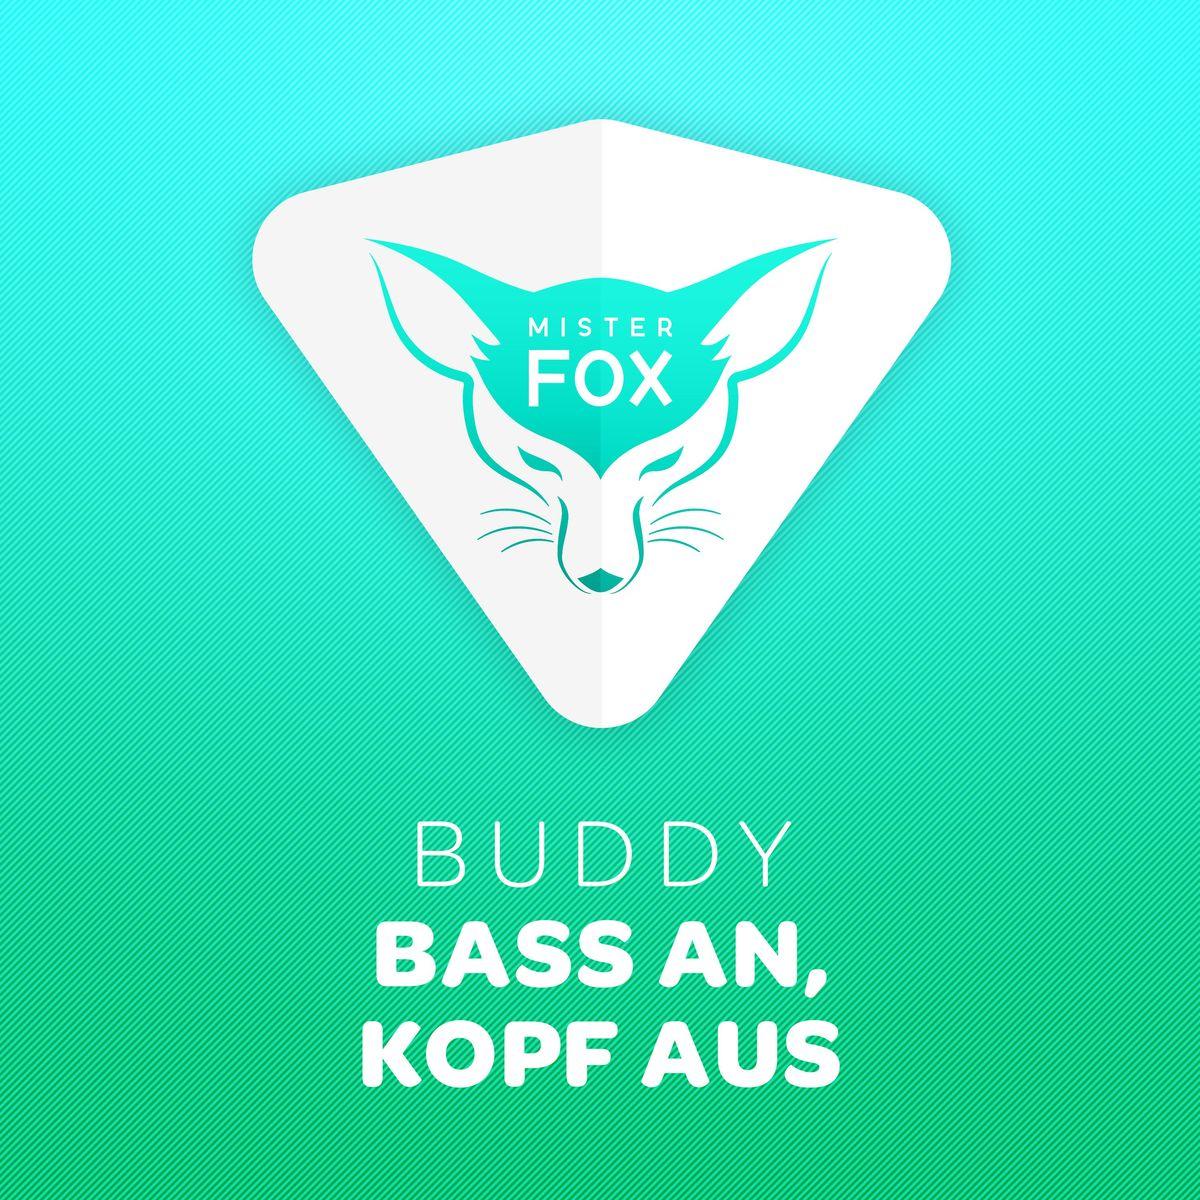 Buddy: Bass an, Kopf aus